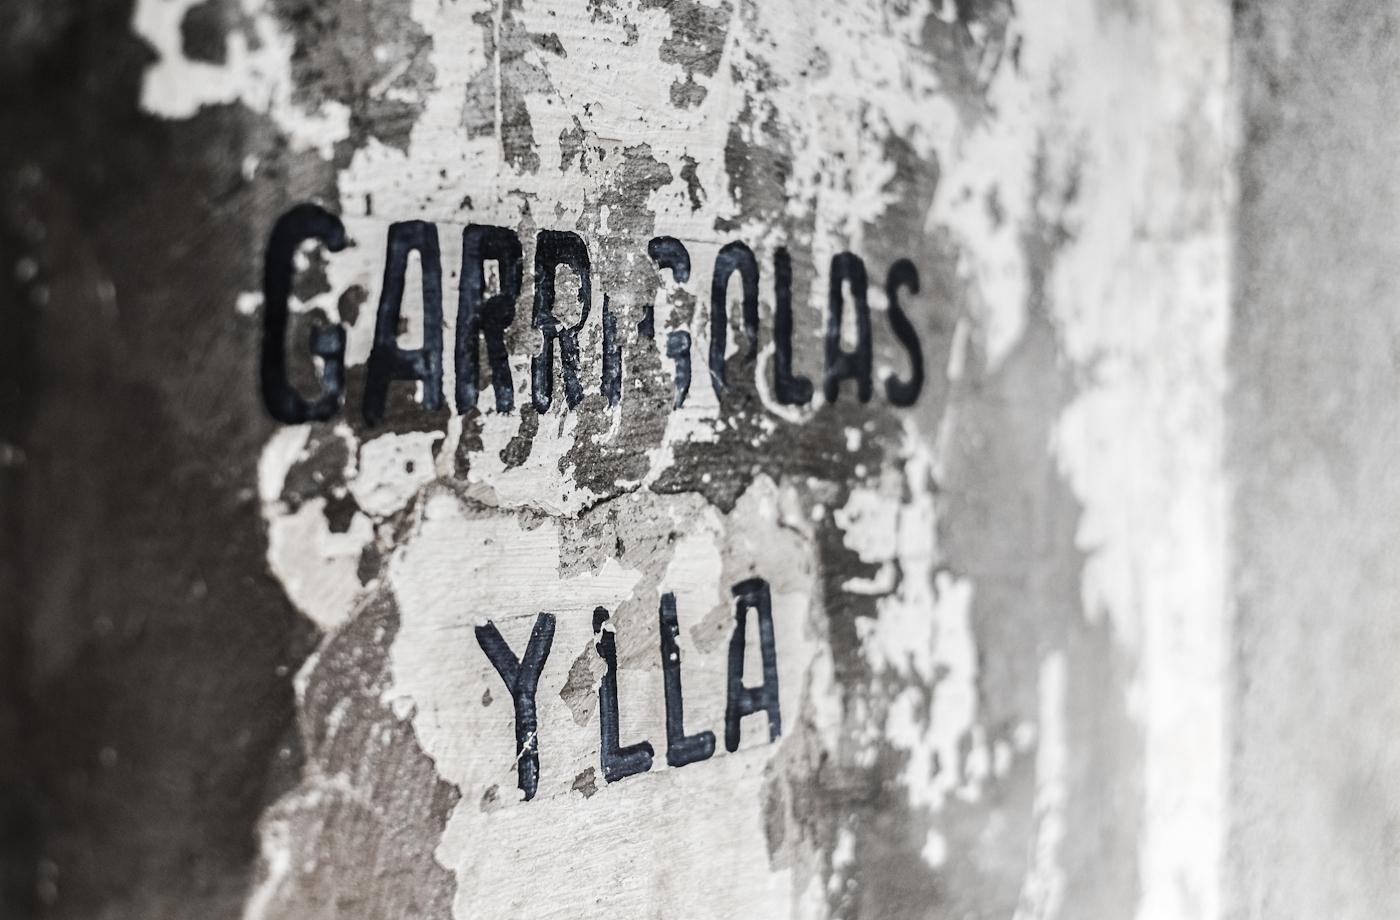 Garrigolas Ylla